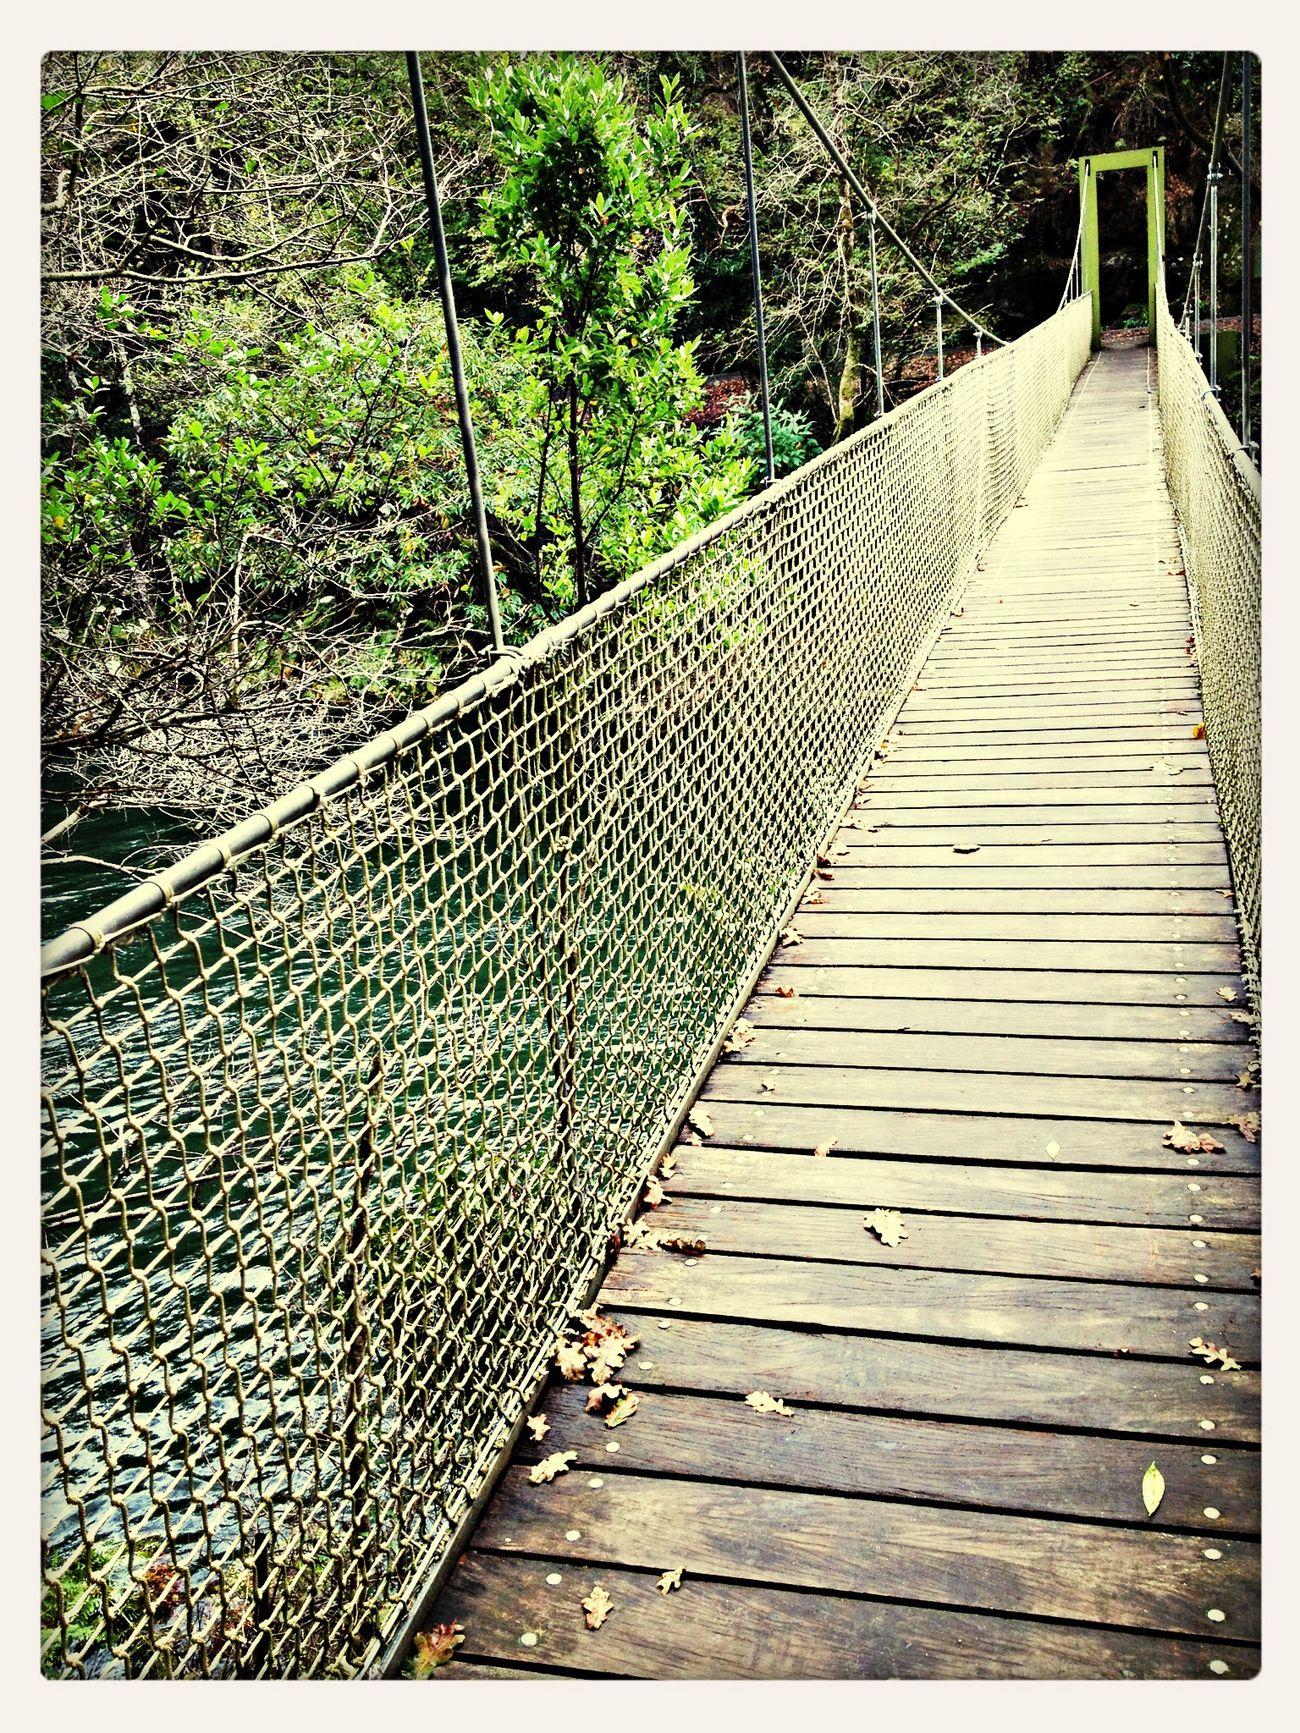 Todos los caminos son sencillos... sólo debes caminarlos.